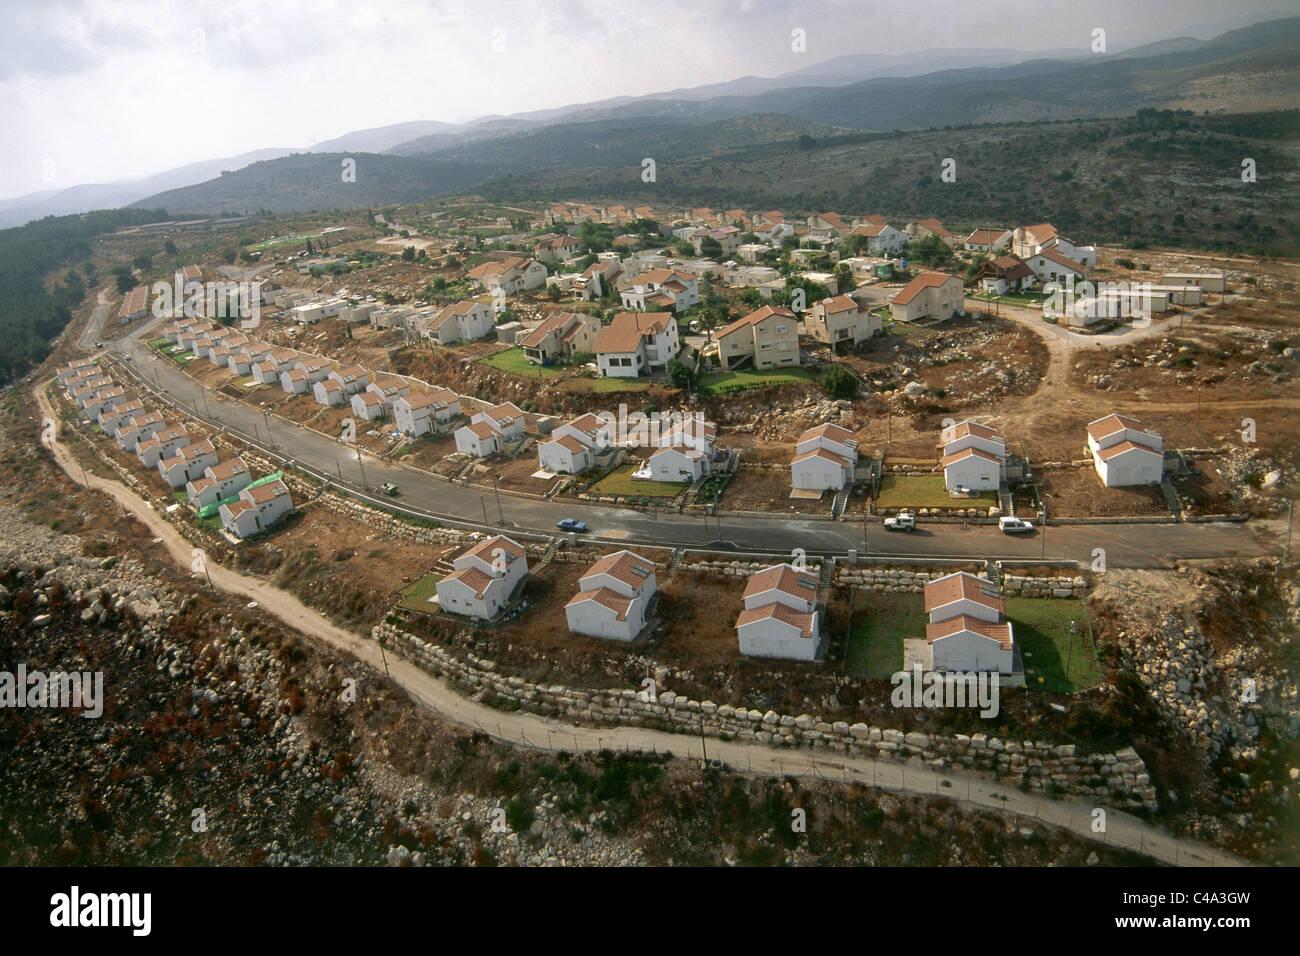 Fotografia aerea dell'insediamento israeliano di Mevo Dotan in Cisgiordania Immagini Stock